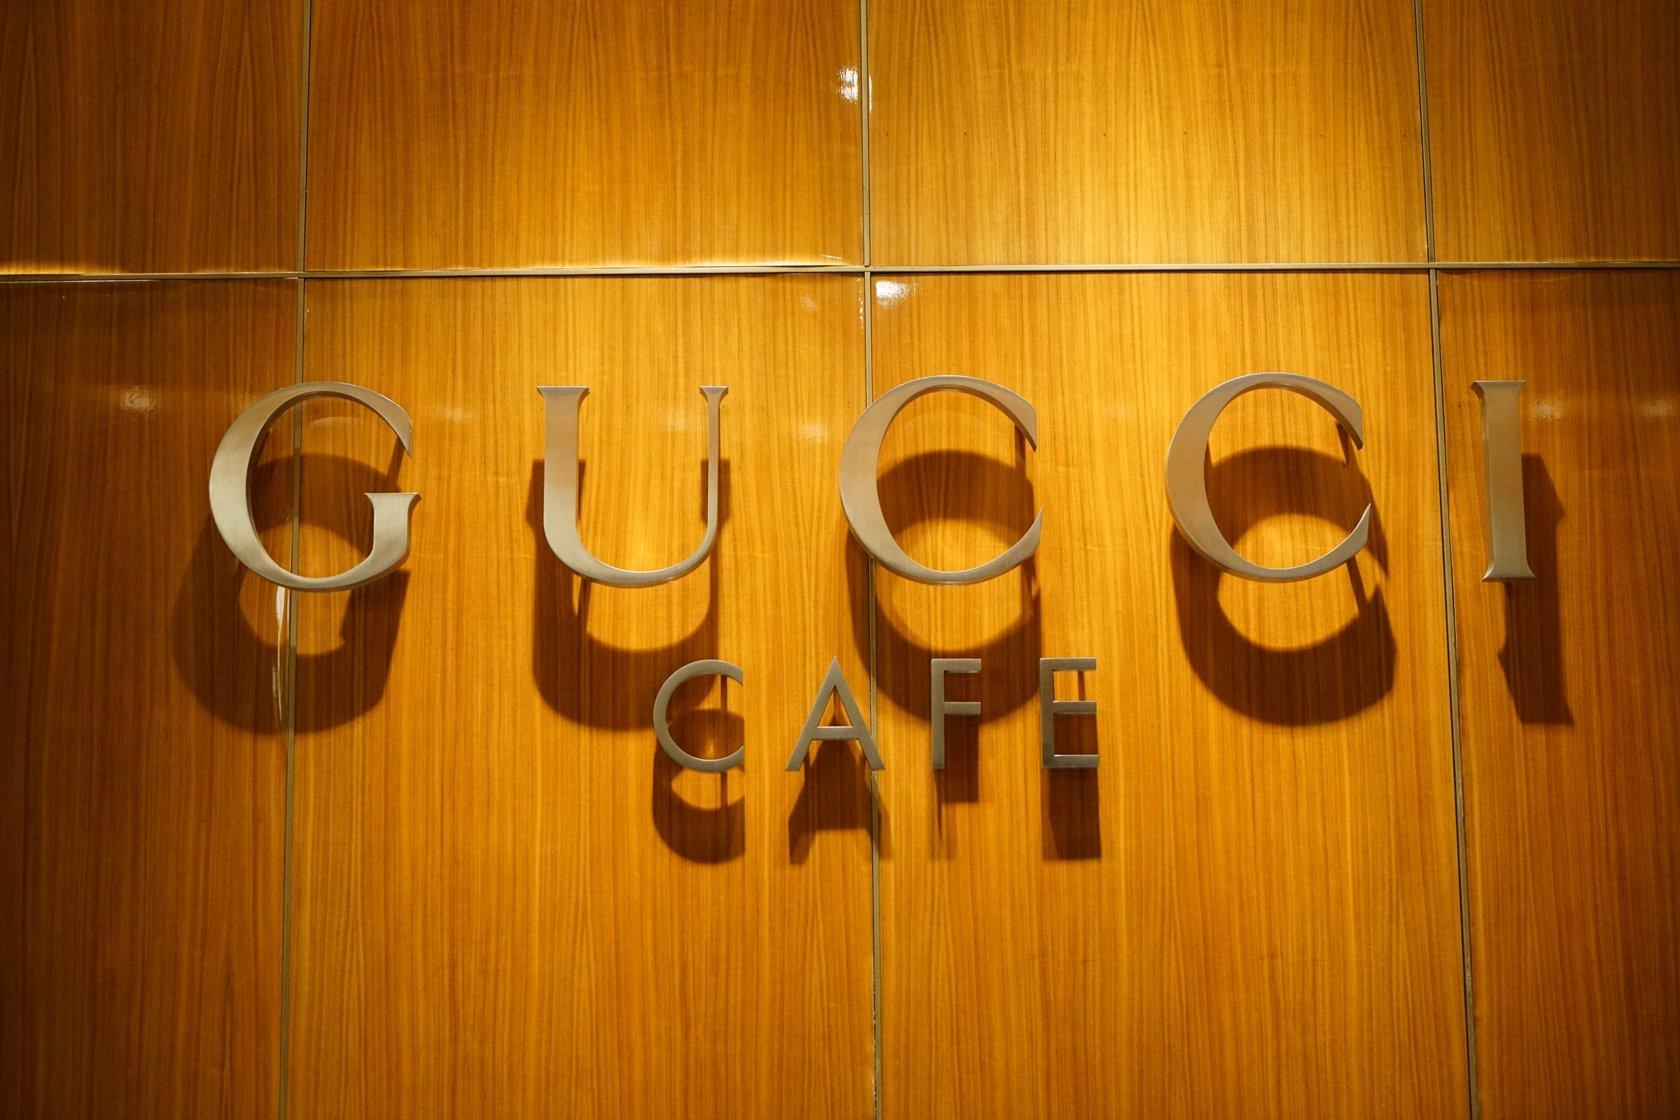 34f129d720df GUCCI CAFÉ.全球只有两家店,一个在意大利,另外一个就在东京银座。GUCCI CAFE 在银座旗舰店的4层,环境充满了时尚现代感,高挑的空间配上落地窗,沙发与座椅一并  ...